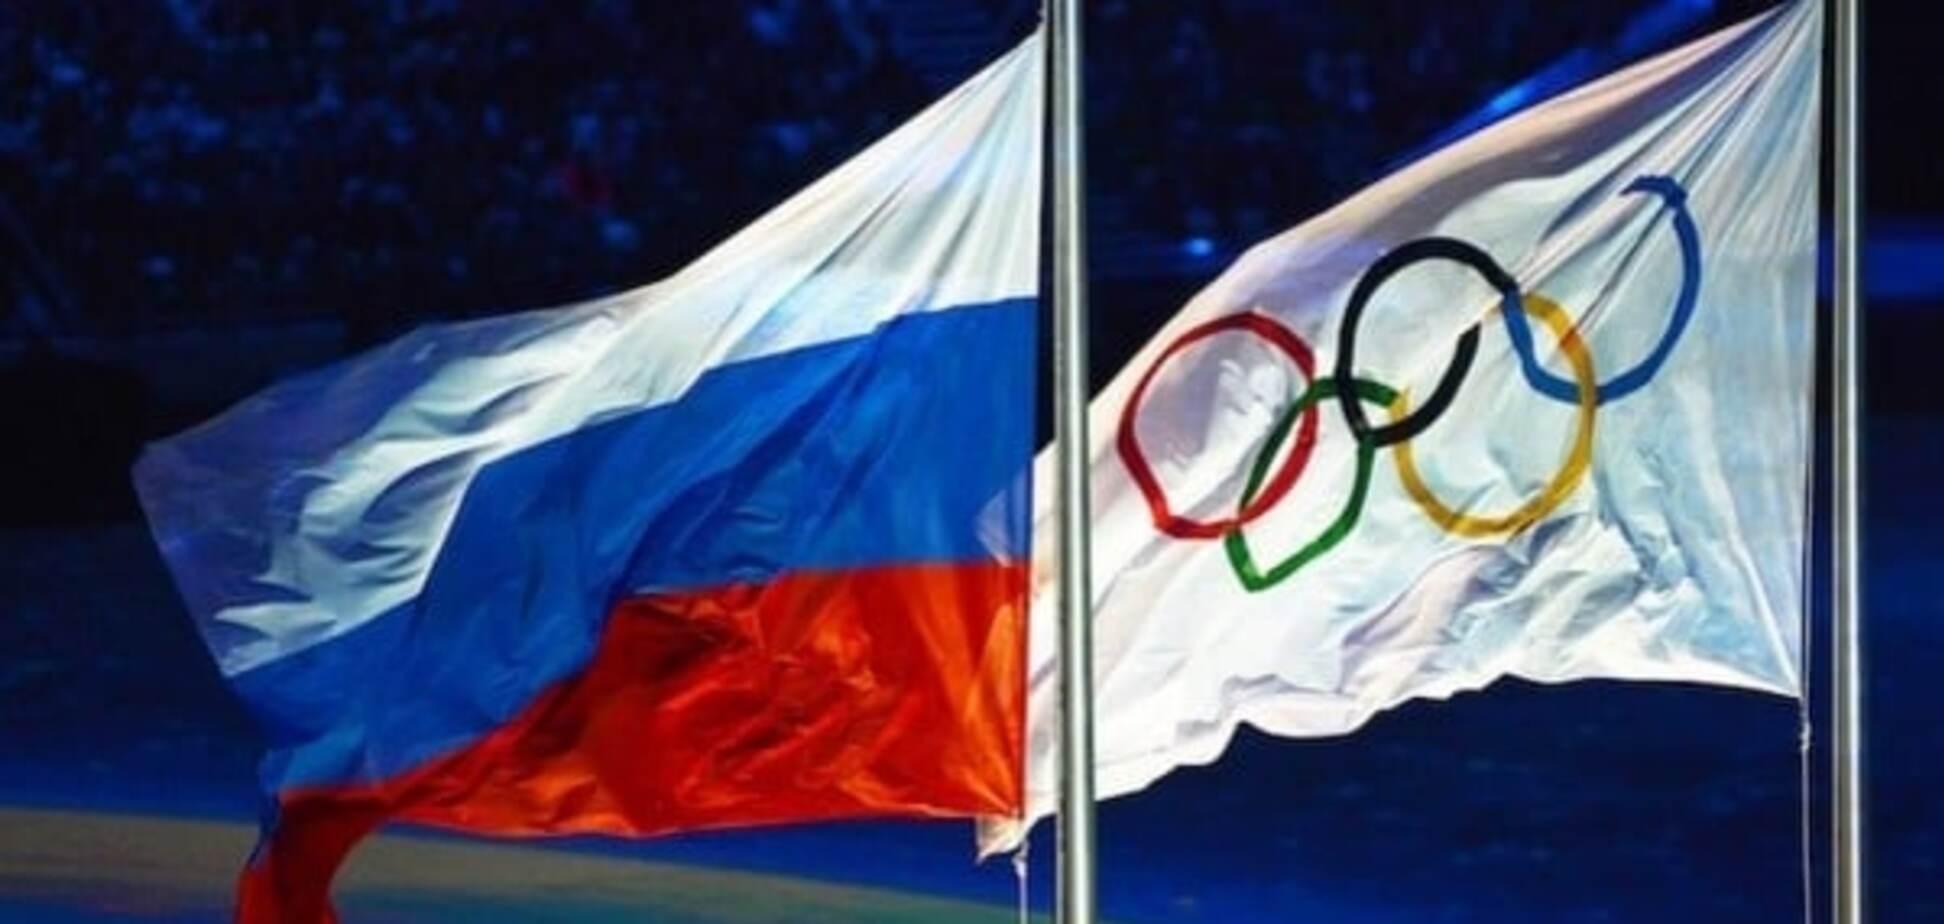 Флаги России и Олимпиады